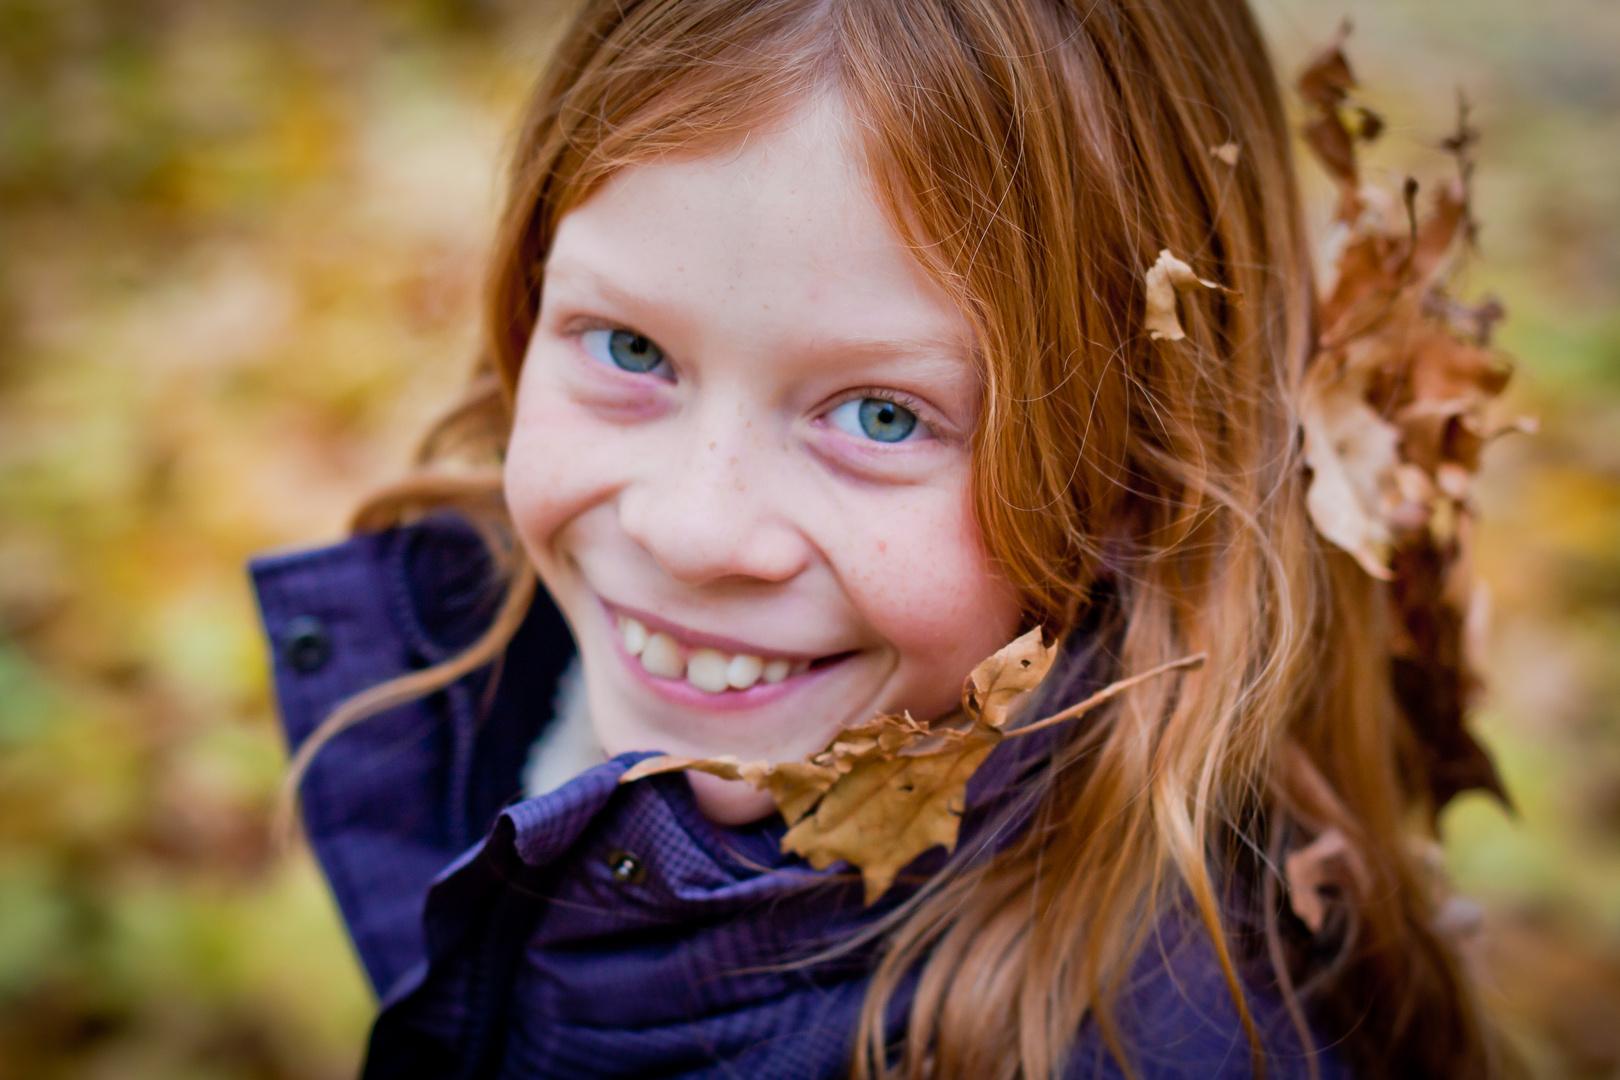 Lea personifiziert den schönen Herbst